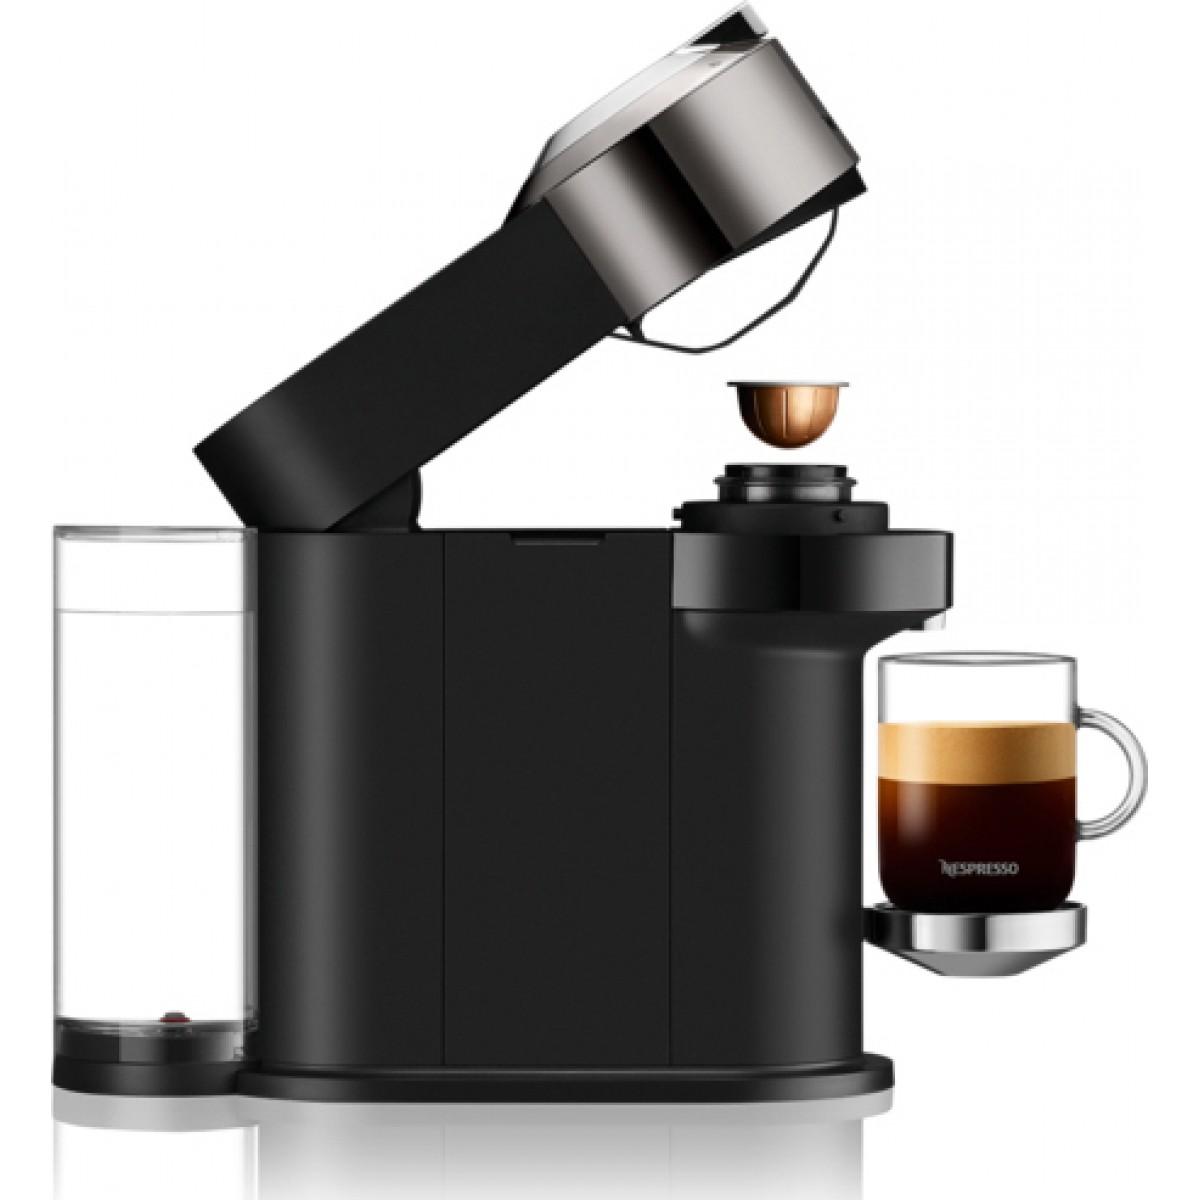 Μηχανή Nespresso Krups XN910CS Vertuo Next Deluxe Dark Chrome (ΔΩΡΟ 12 κάψουλες) Καφετιέρες